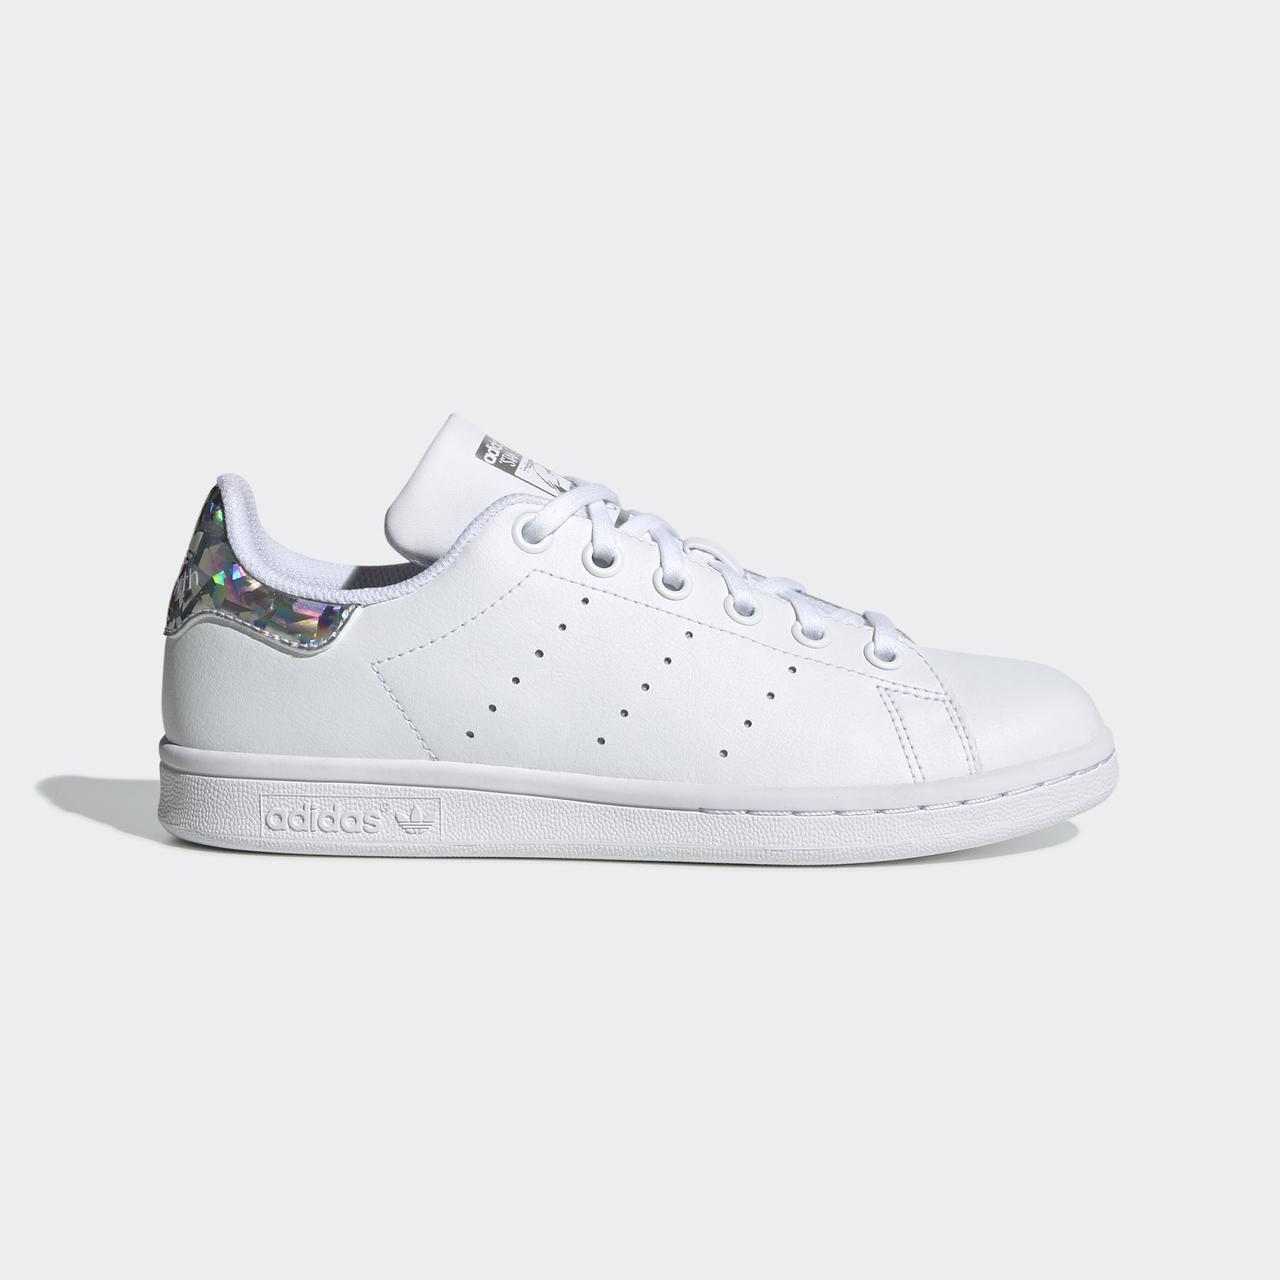 Детские кроссовки Adidas Originals Stan Smith EE8483